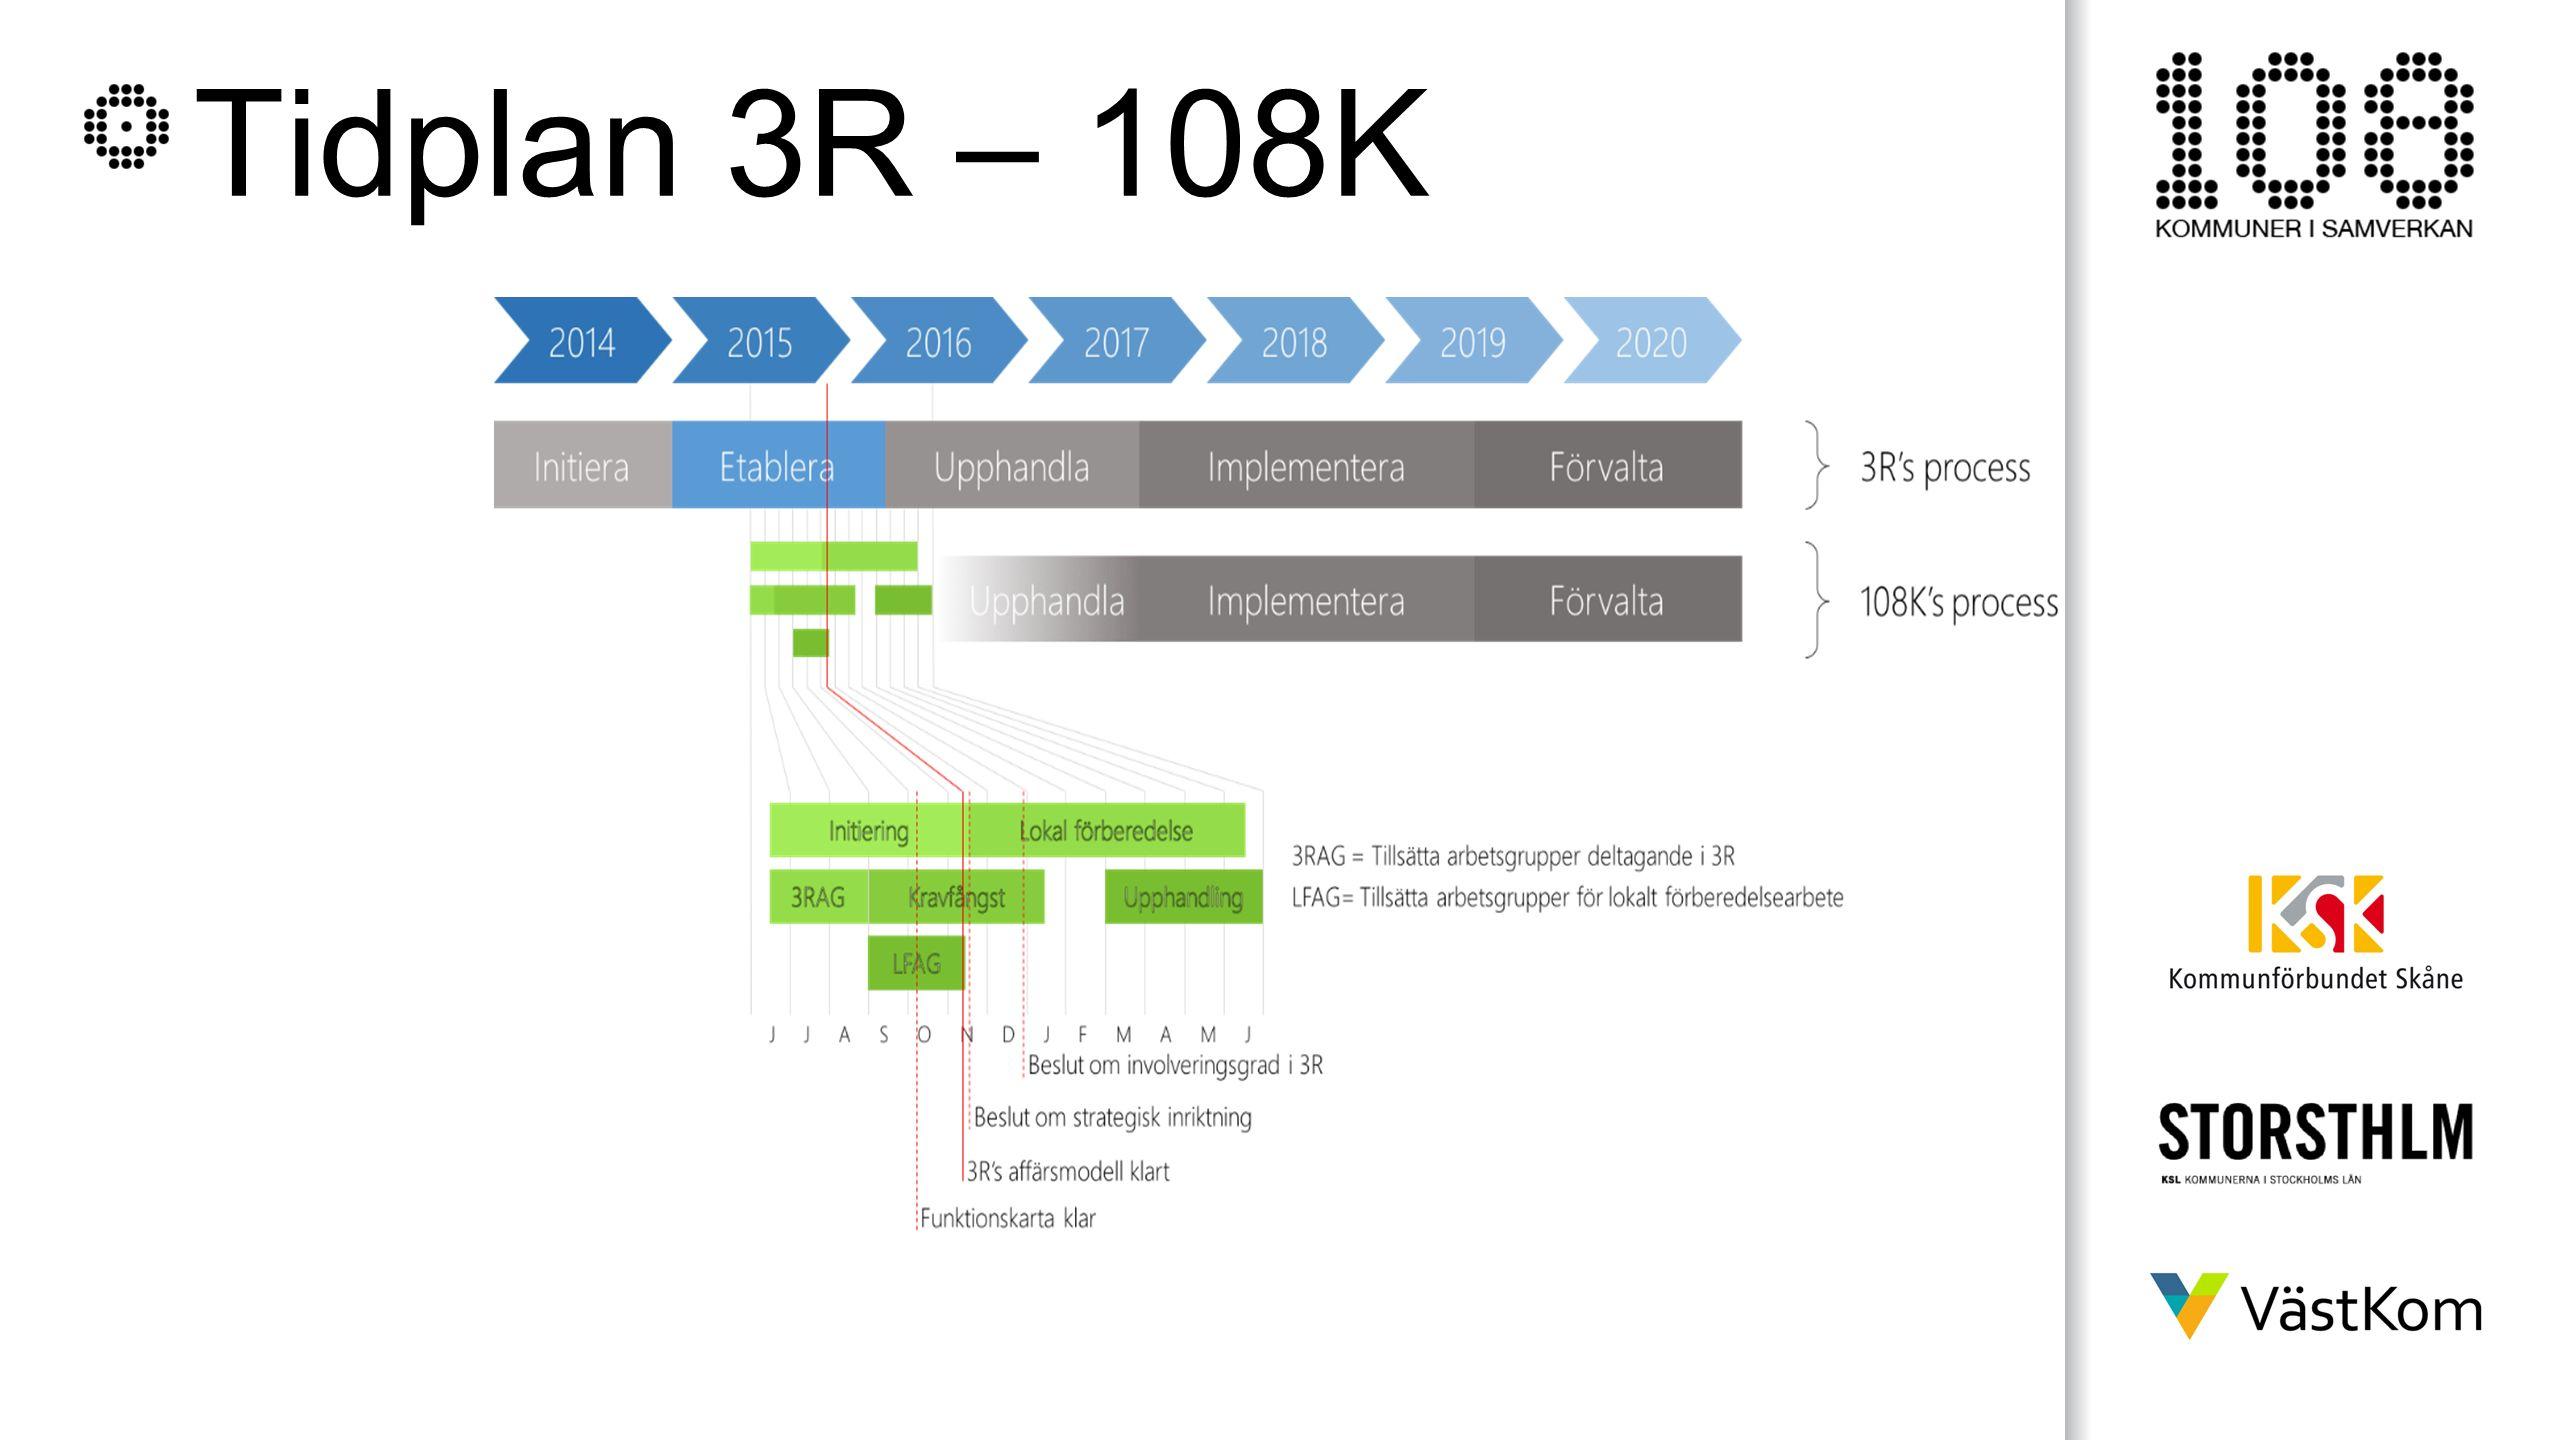 Tidplan 3R – 108K